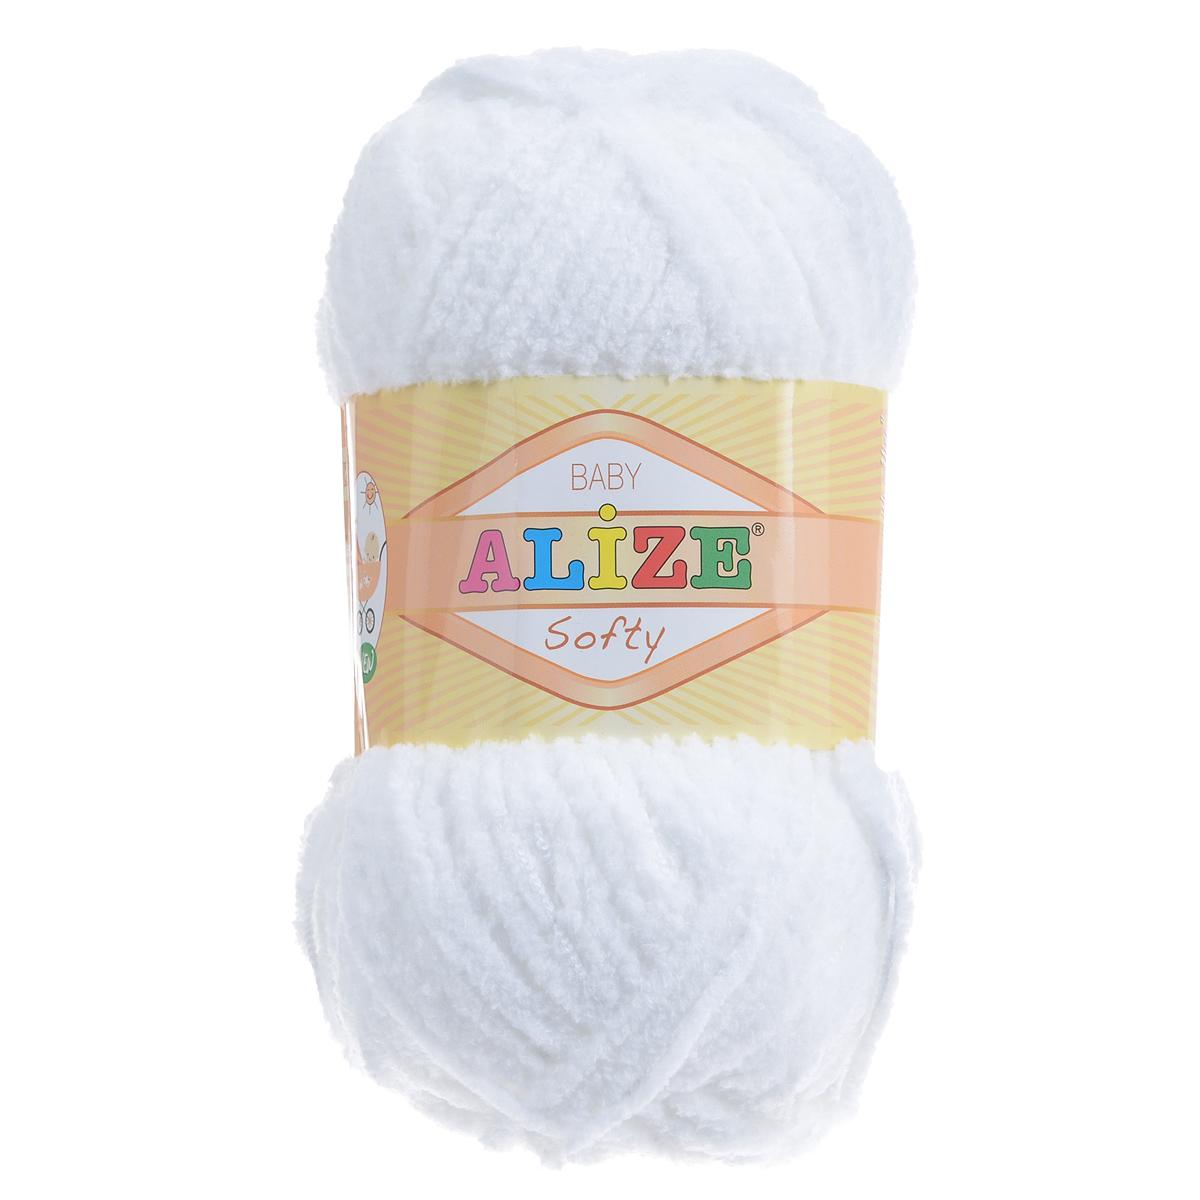 Пряжа для вязания Alize Softy, цвет: белый (55), 115 м, 50 г, 5 шт694530_55Пряжа для вязания Alize Softy изготовлена из микрополиэстера. Фантазийная плюшевая пряжа для ручного вязания прекрасно подойдет для детской одежды. Ниточка мягкая и приятная на ощупь. Подходит для вязания спицами и крючком. Рекомендованные спицы 3-5 мм и крючок для вязания 2-4 мм. Комплектация: 5 мотков.